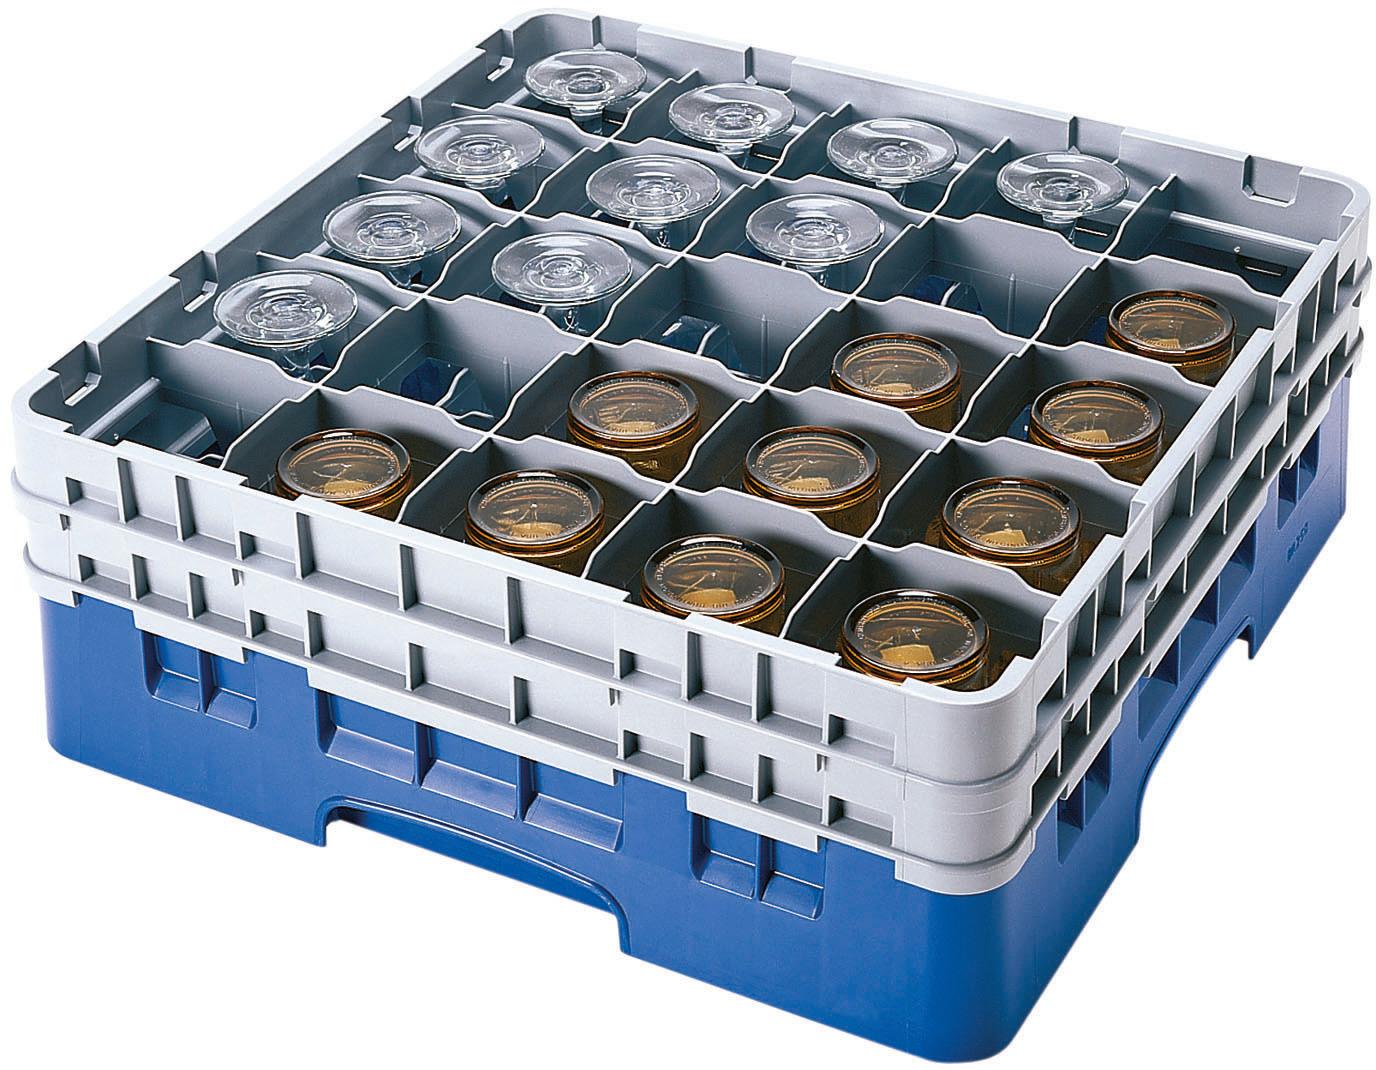 Gläserspülkorb 25 x bis 238 mm Glashöhe 500 x 500 x 267 mm blau